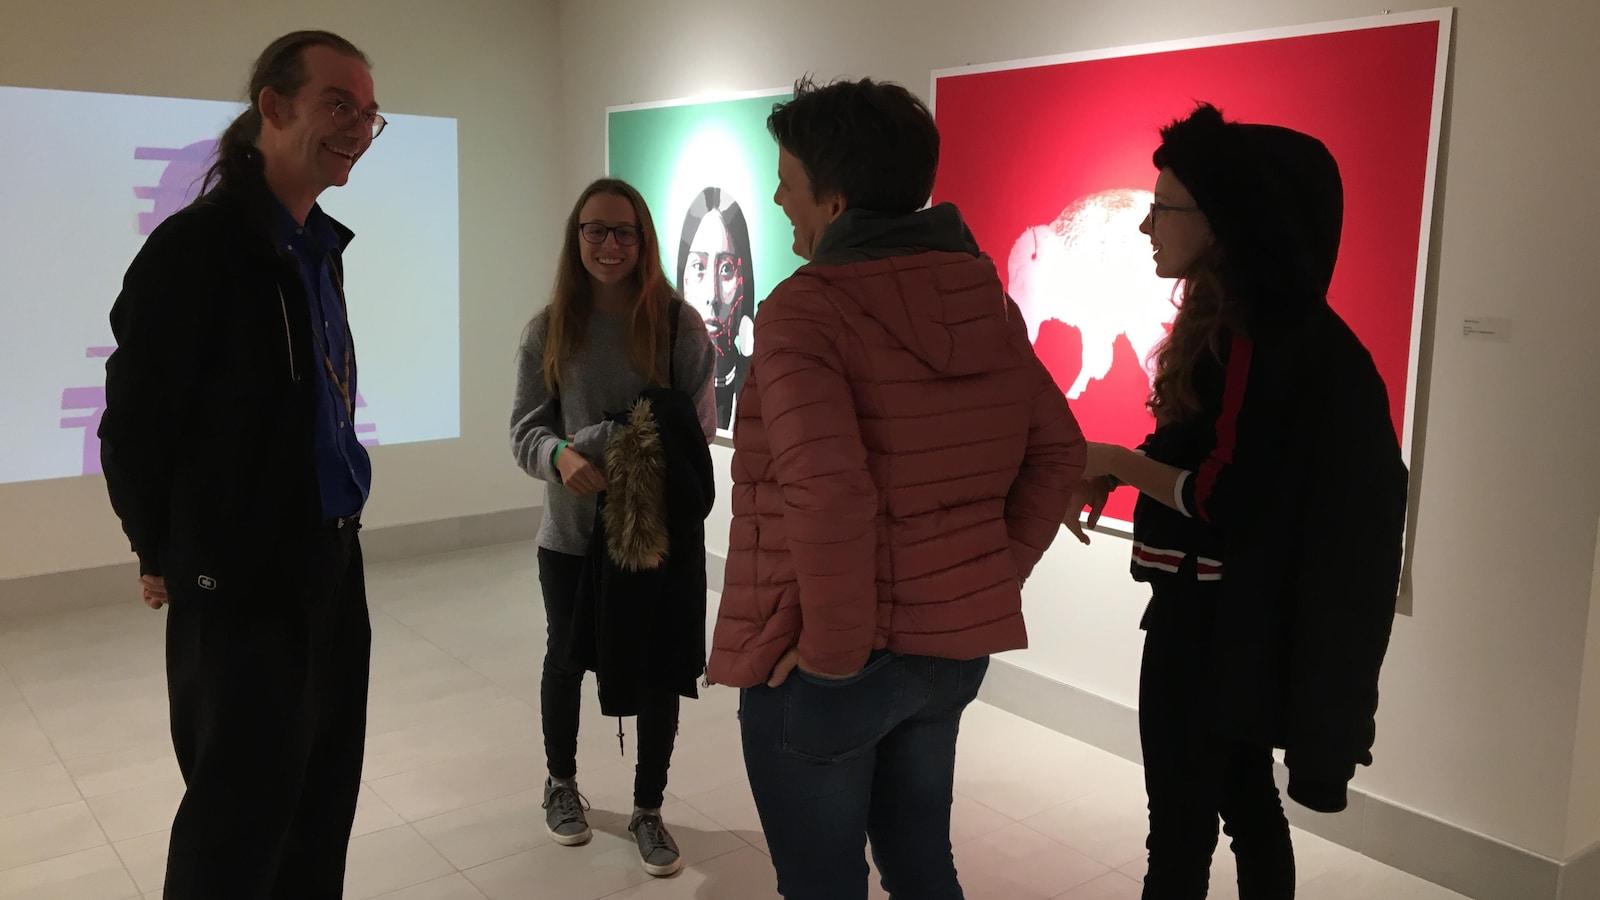 Trois touristes dans un musée discutent avec le guide.